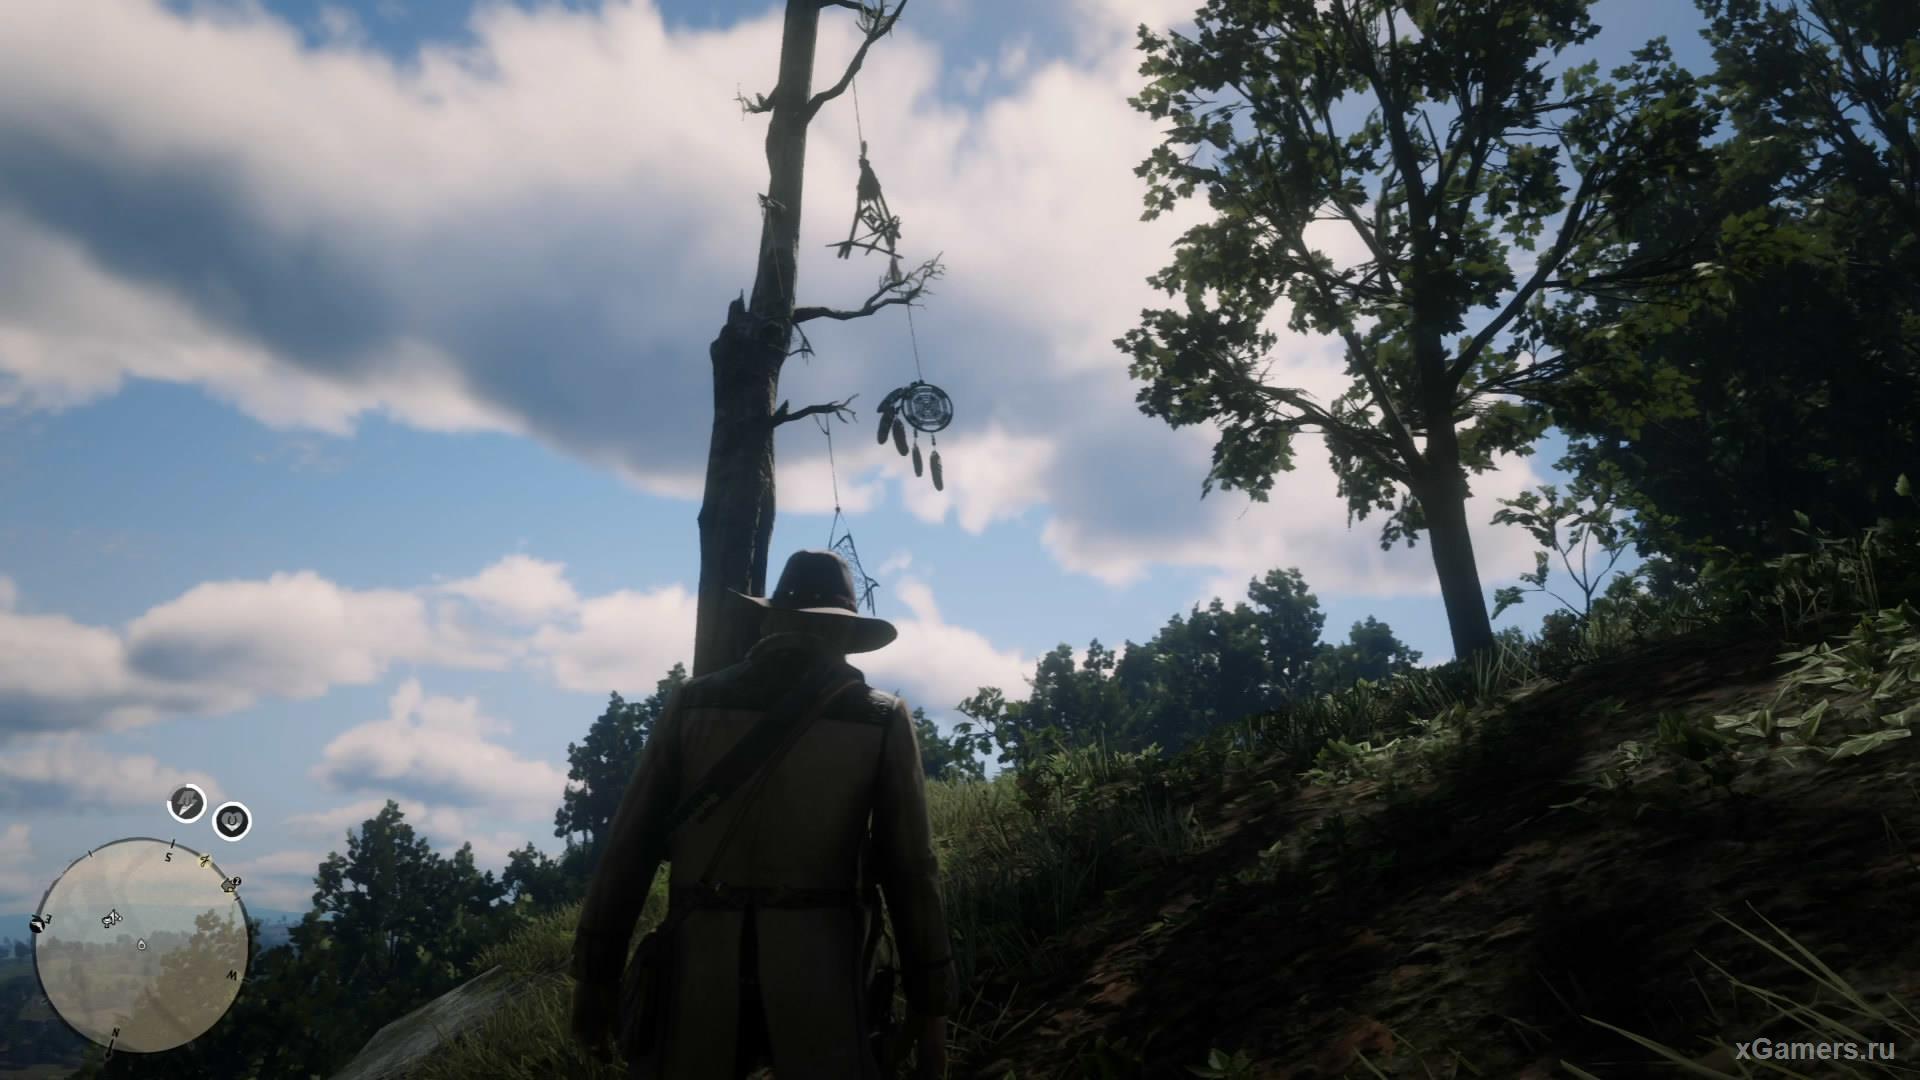 7-ой ловец находится на крутом склоне на одной из нижних веток старого дерева